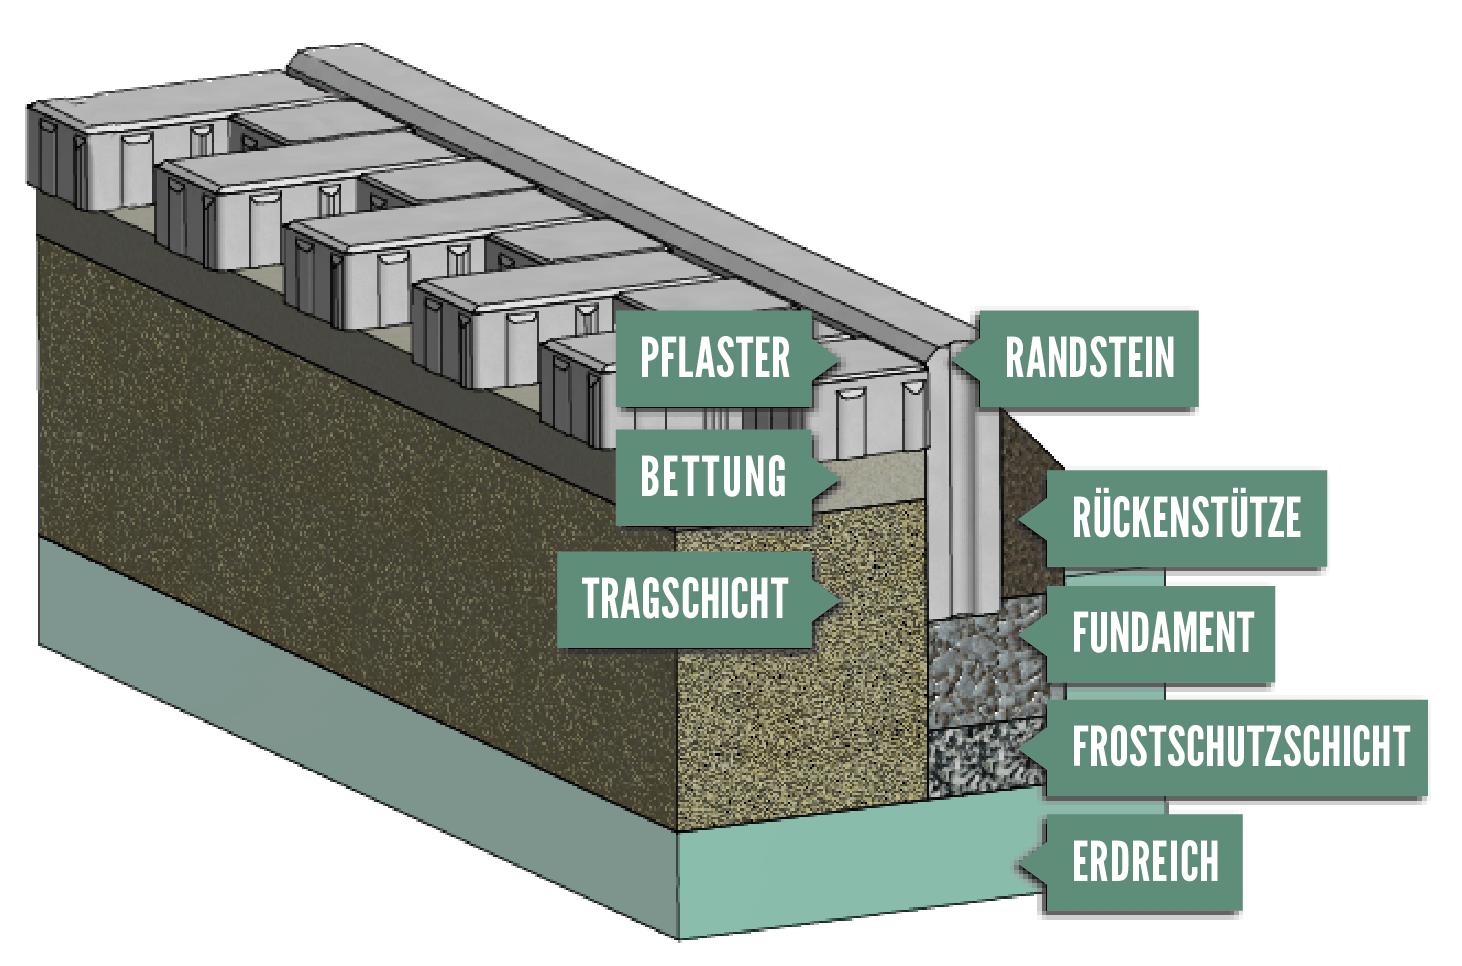 Einbauempfehlungen Pflaster & Platten   Garten & Haus   Kortmann